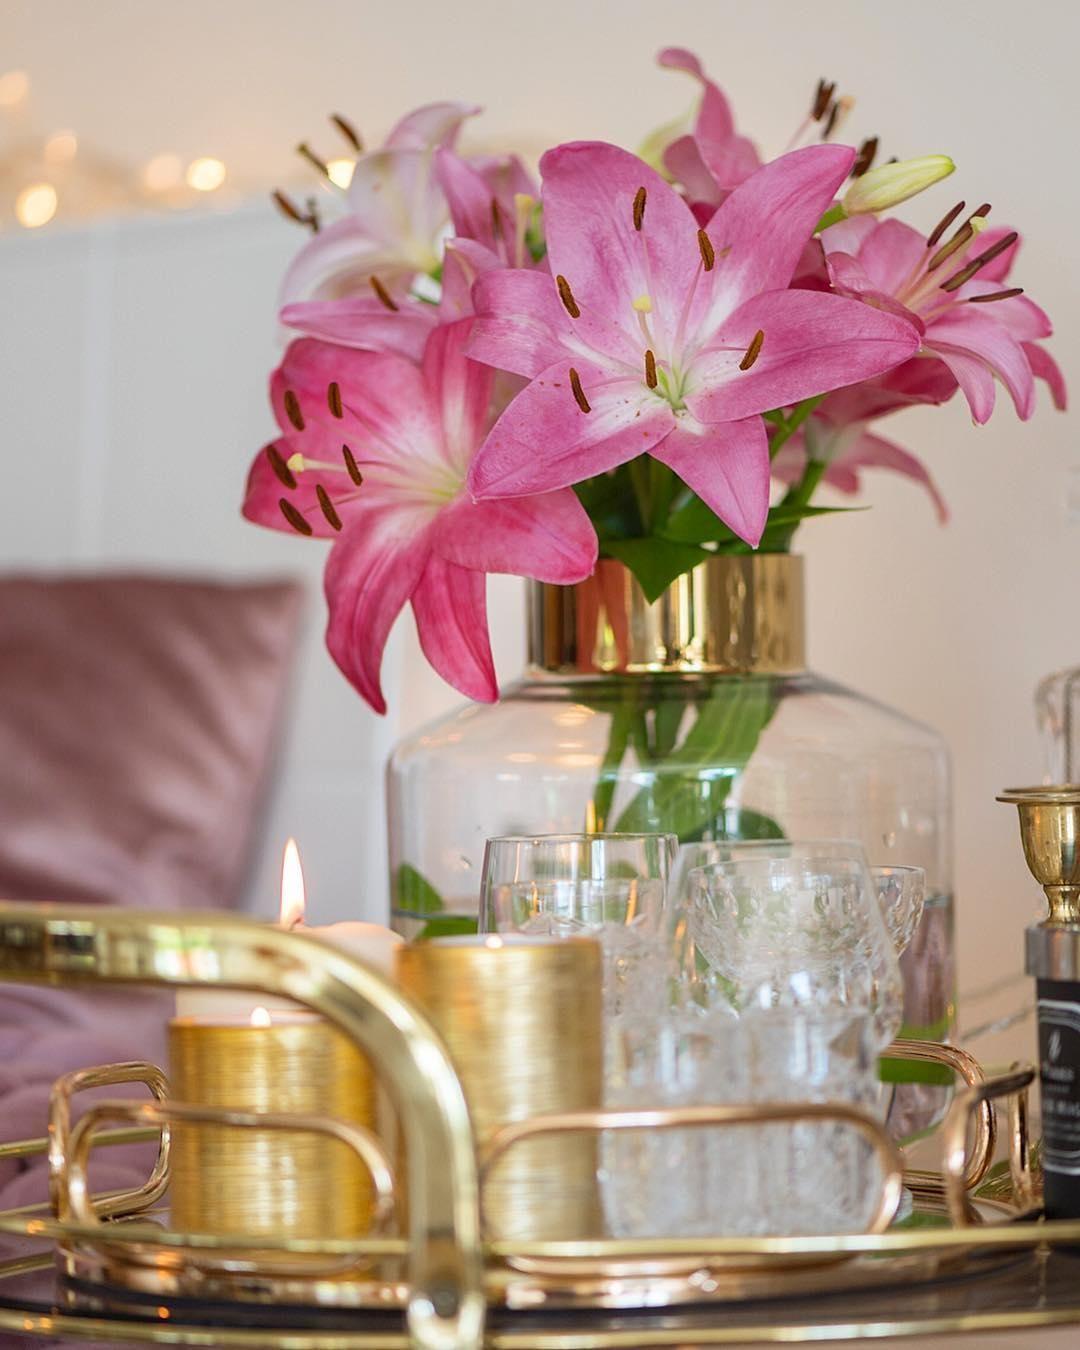 Golden Glam Dieses Barwagen Styling Ist Einfach Nur Elegant